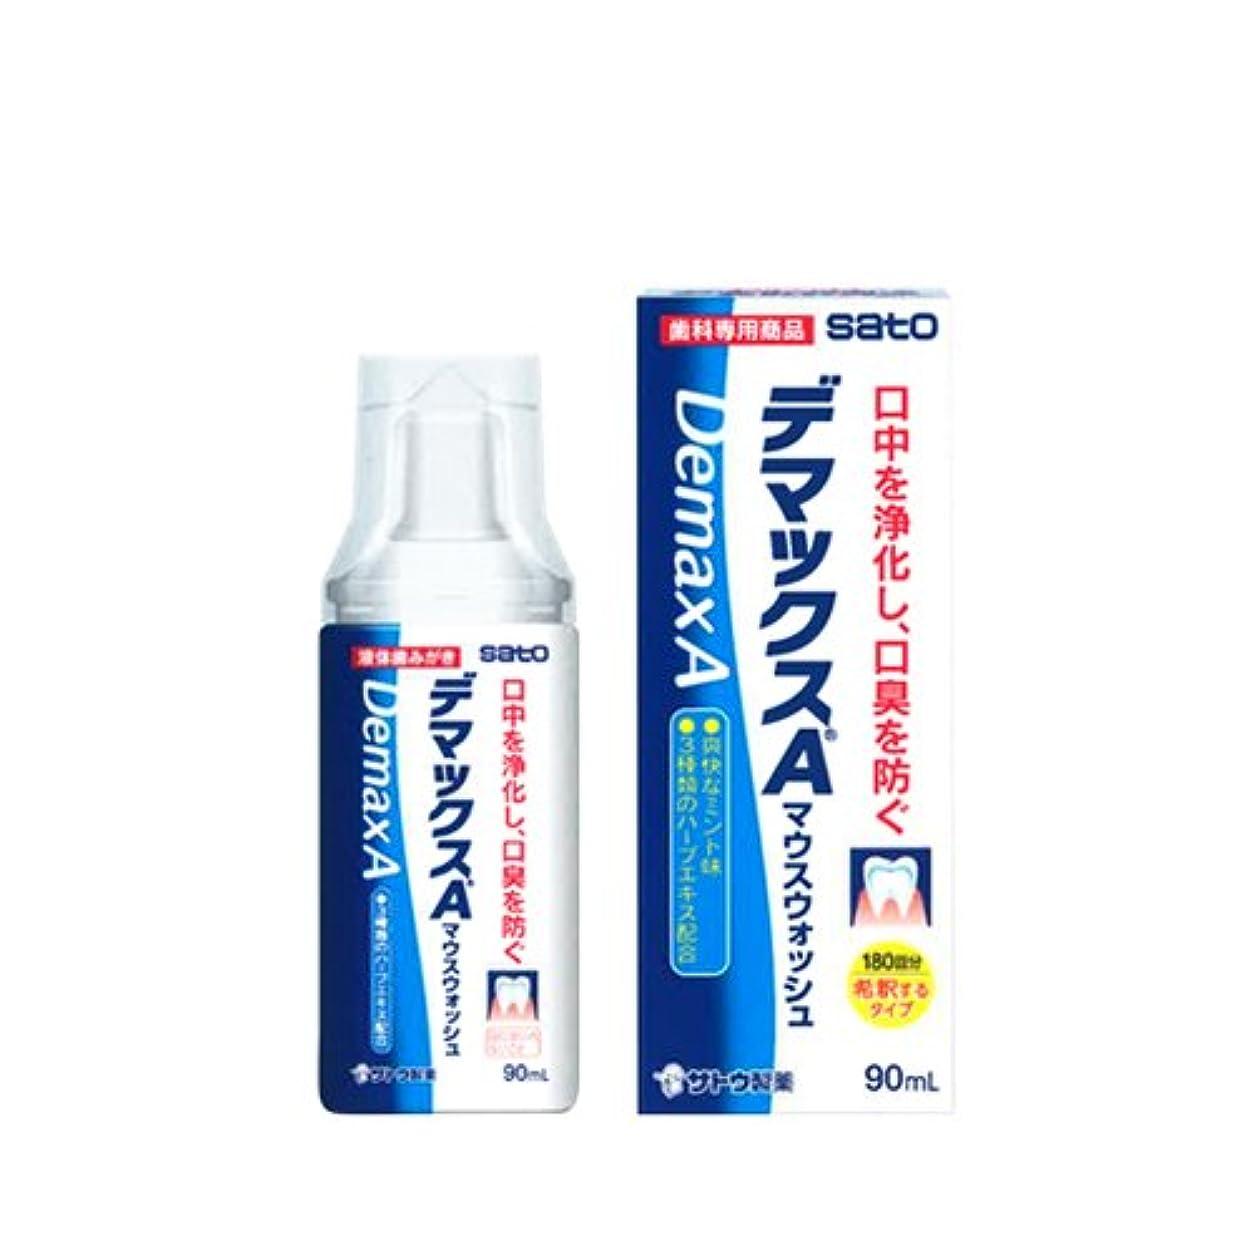 エンドウマガジンお酒佐藤製薬 デマックスA マウスウォッシュ 90ml(180回分) × 1本